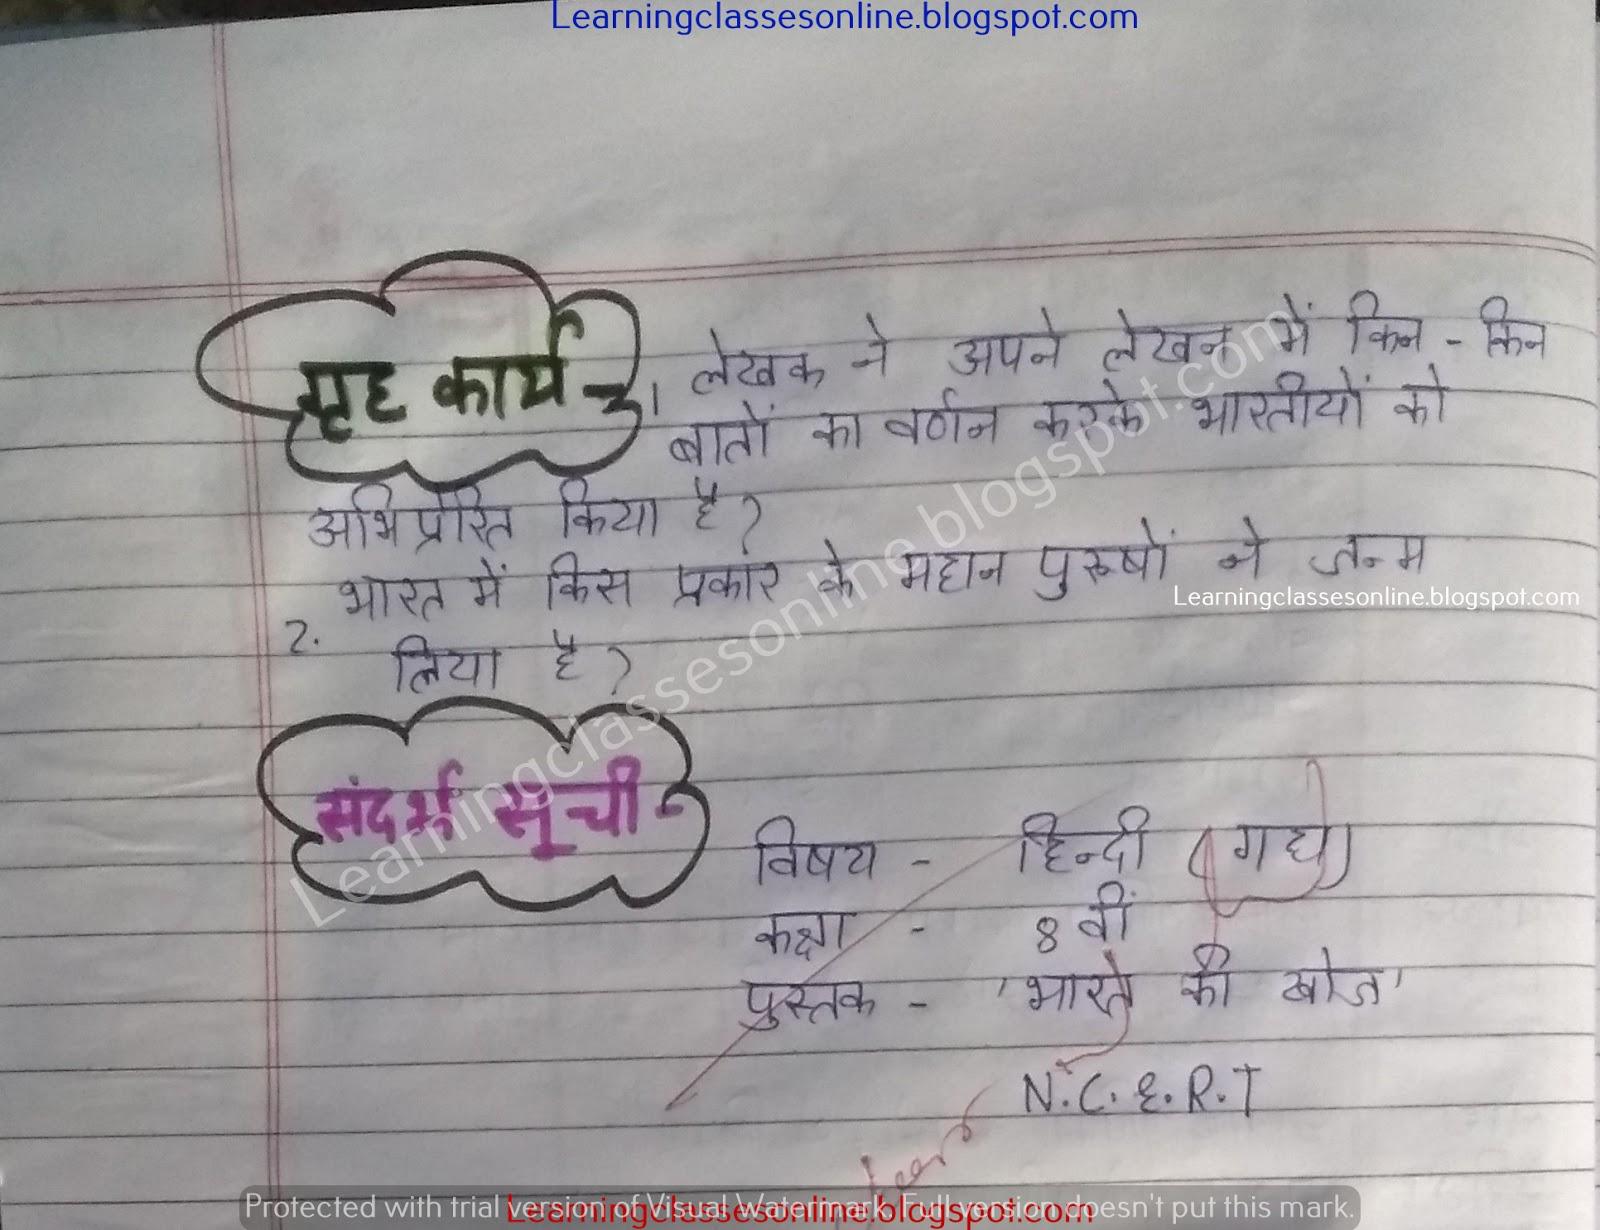 ignou, nios, b.ed, deled, btc hindi lesson plans pdf